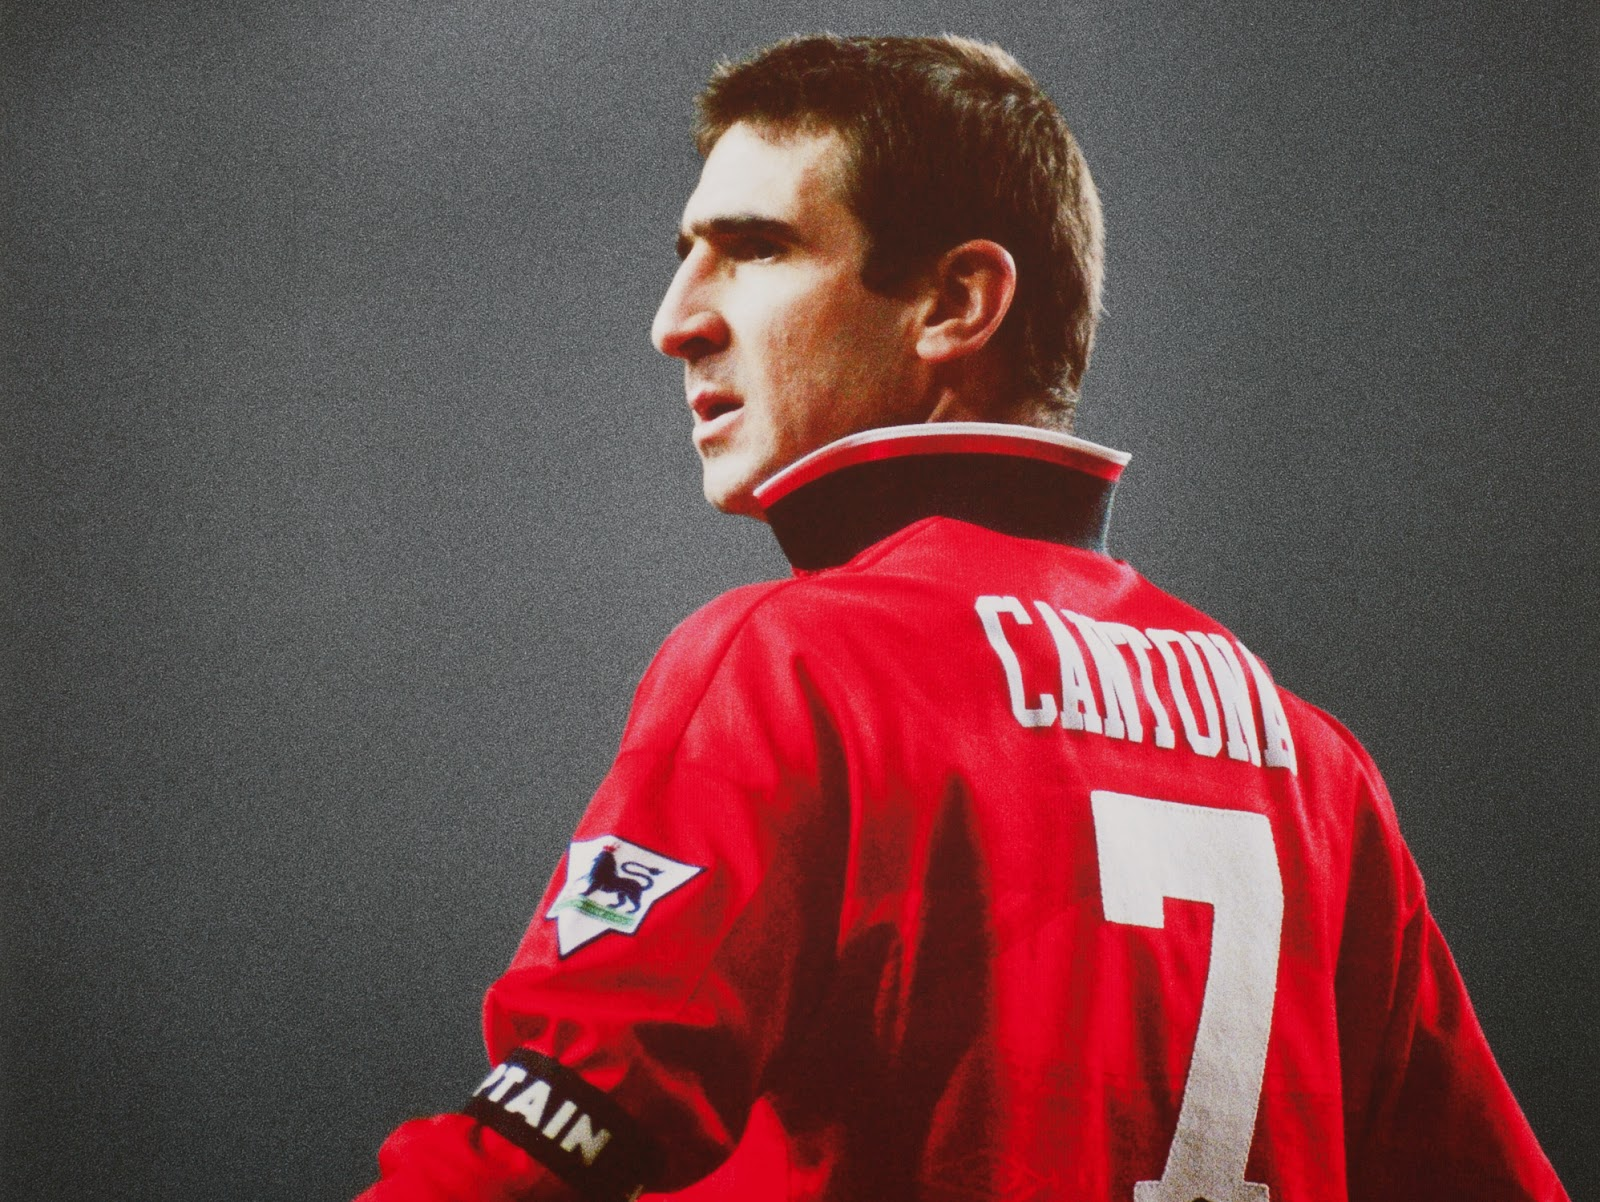 Cantona had grown up as a marseille fan. Football S Mavericks Eric Cantona Footy Fair